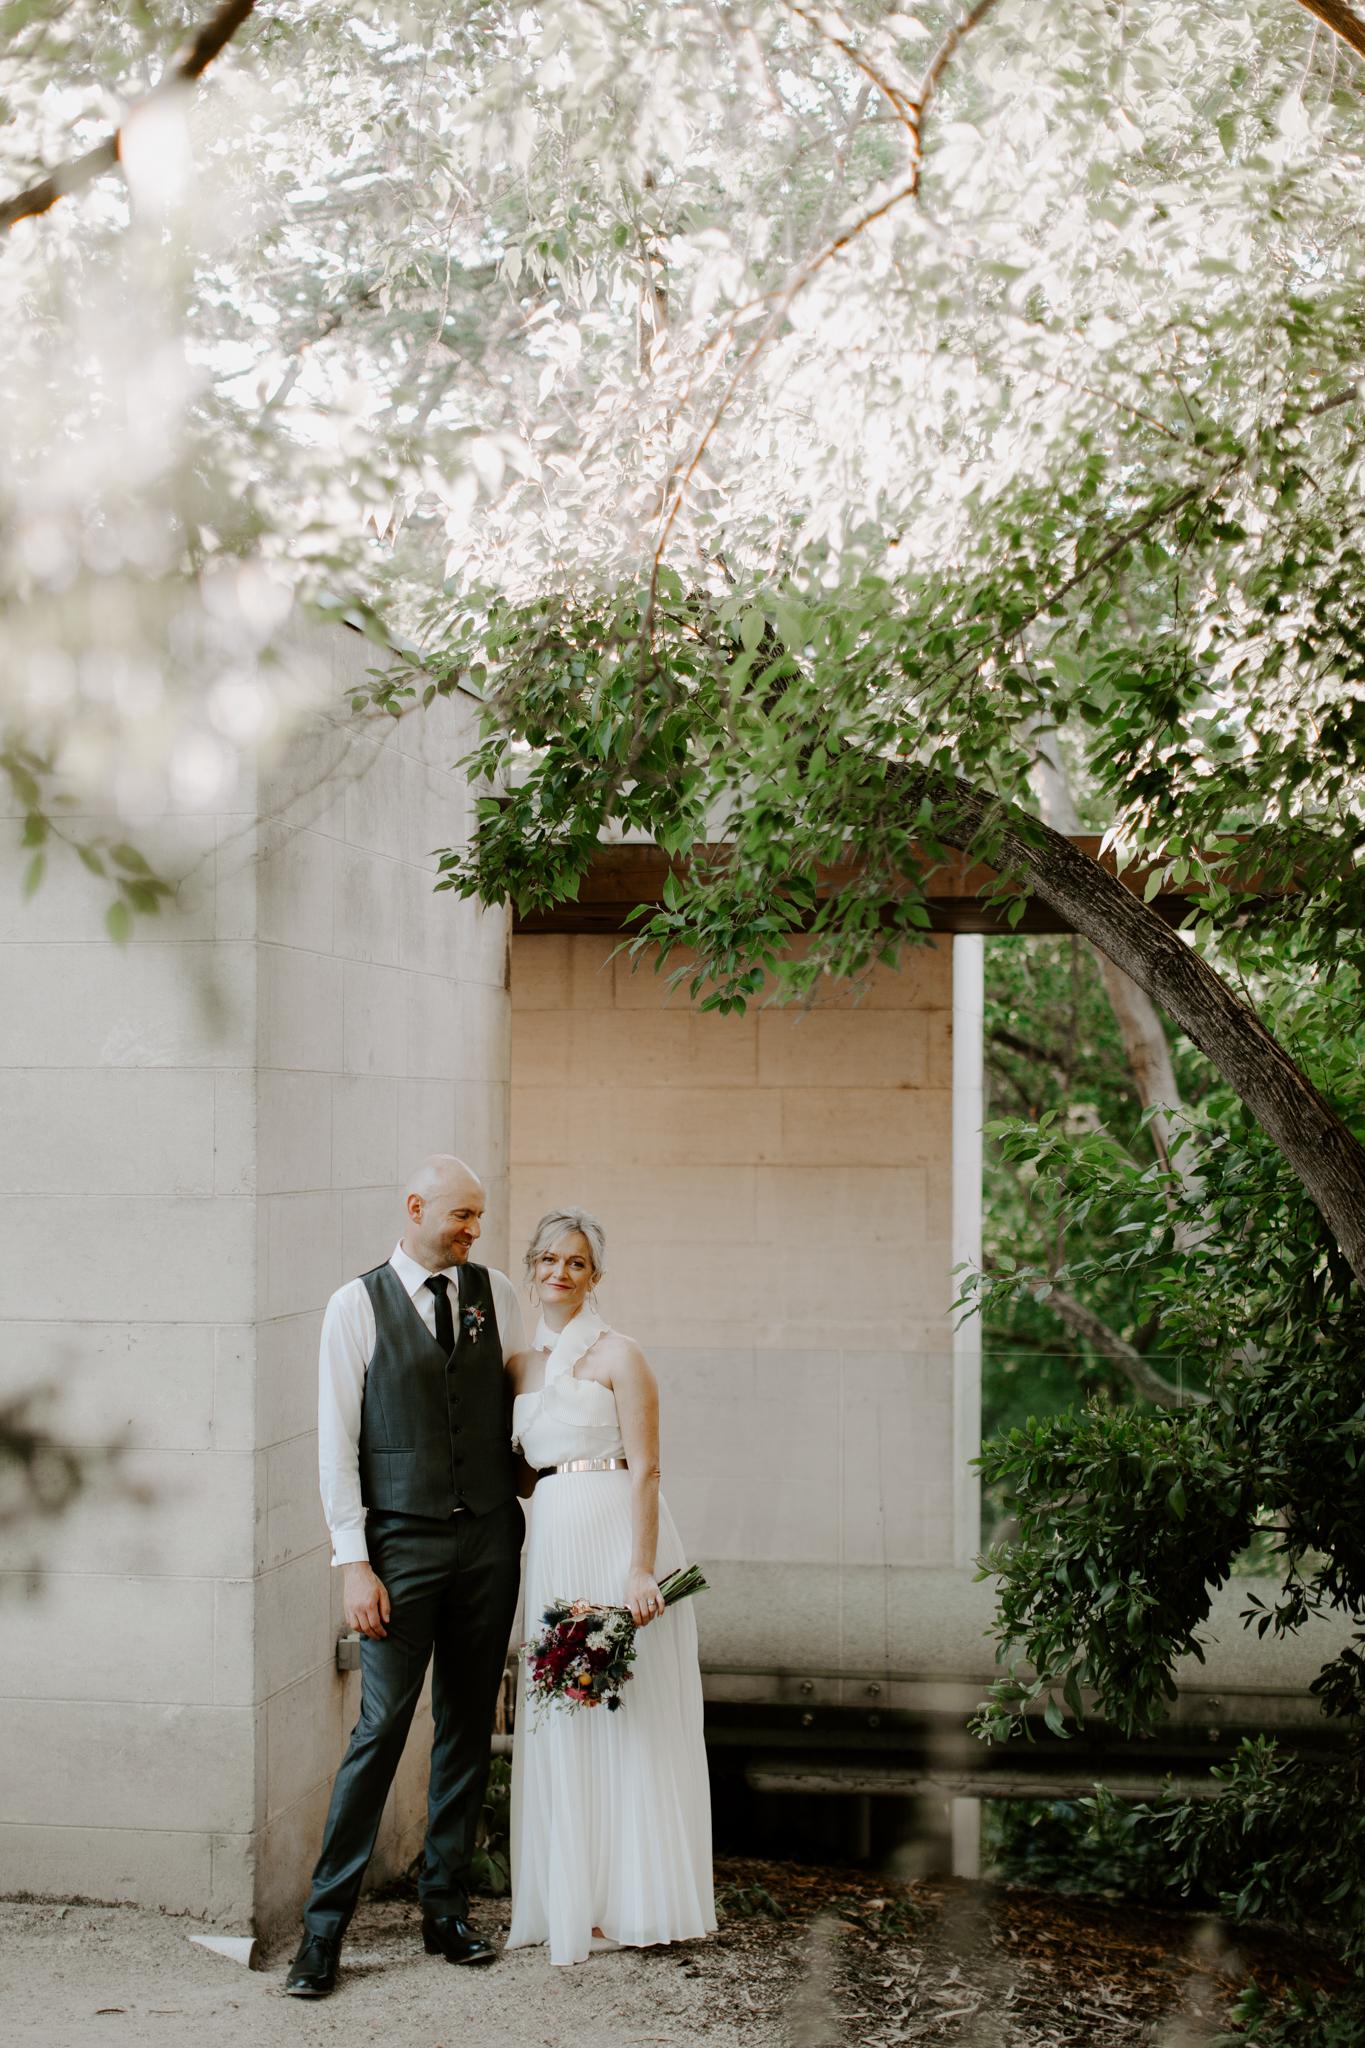 Heide-Museum-of-Modern-Art-Wedding-Emotions-and-Math-094.jpg